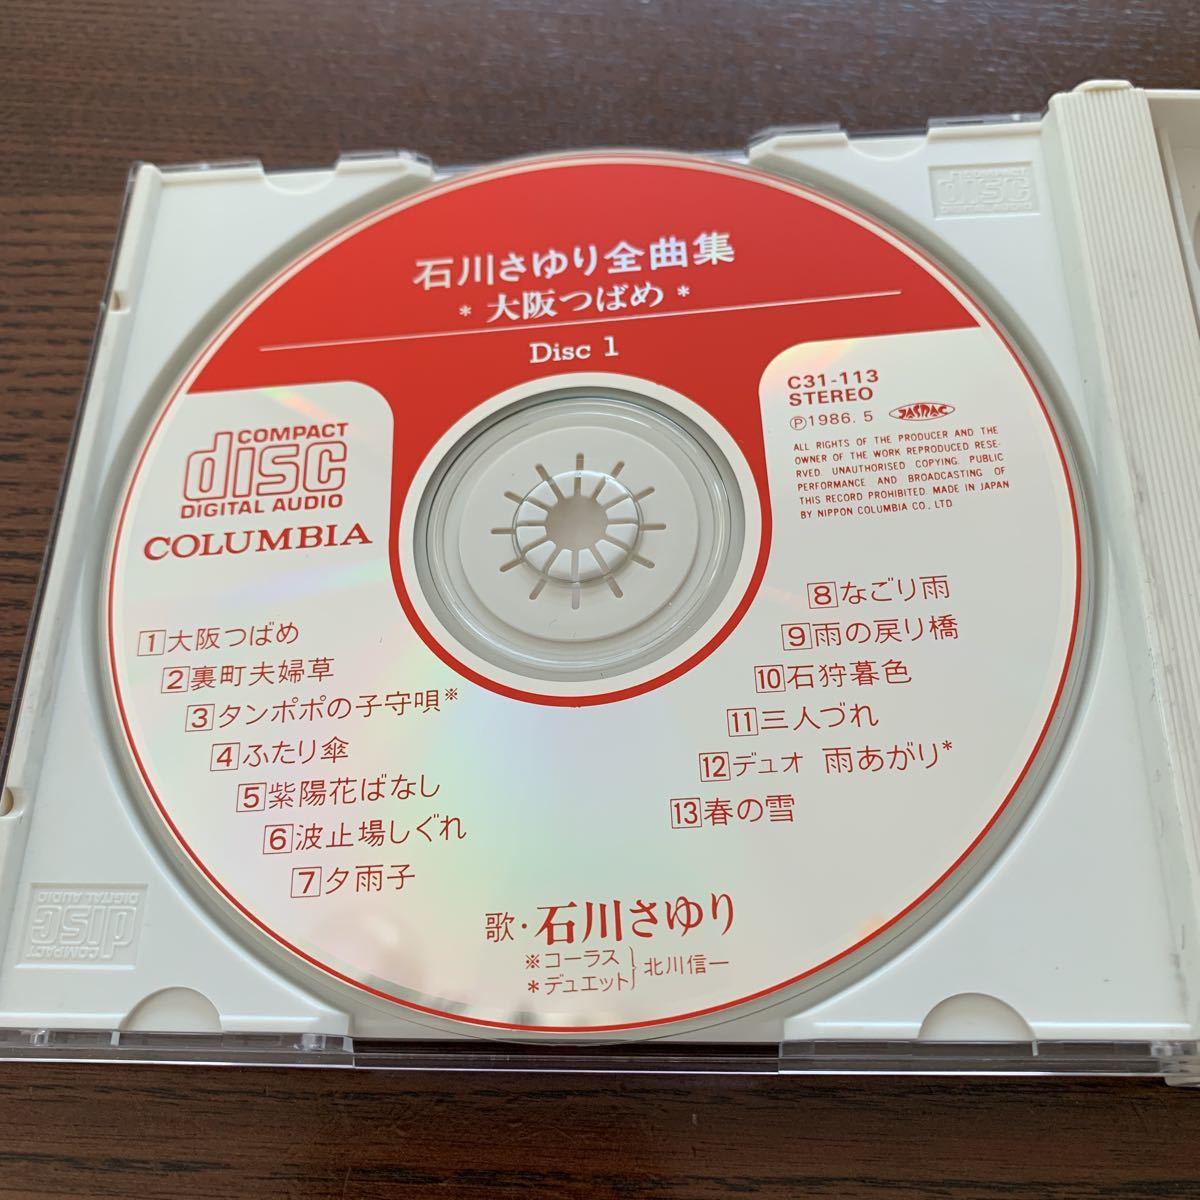 8☆ 石川さゆり 全曲集 大阪つばめ 歌詞カードにシミ有り_画像2